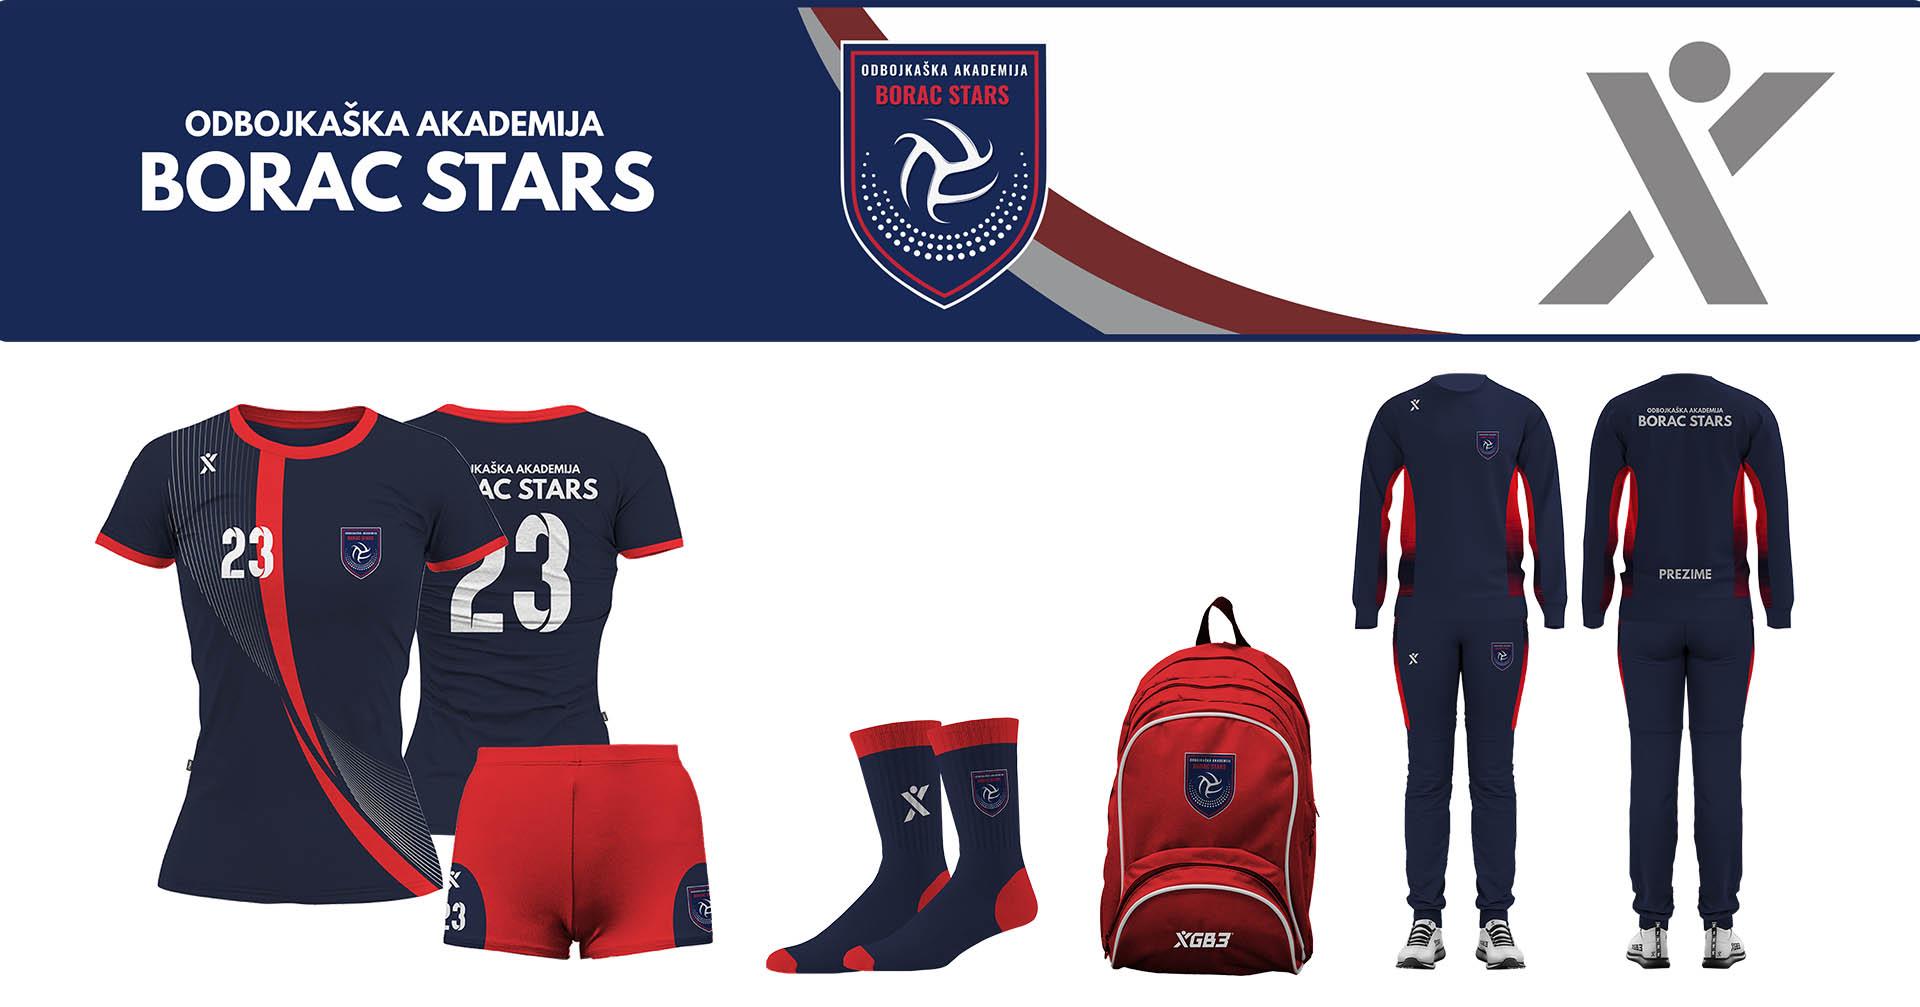 Odbojkaska-Akademija-Borac-Stars-Header